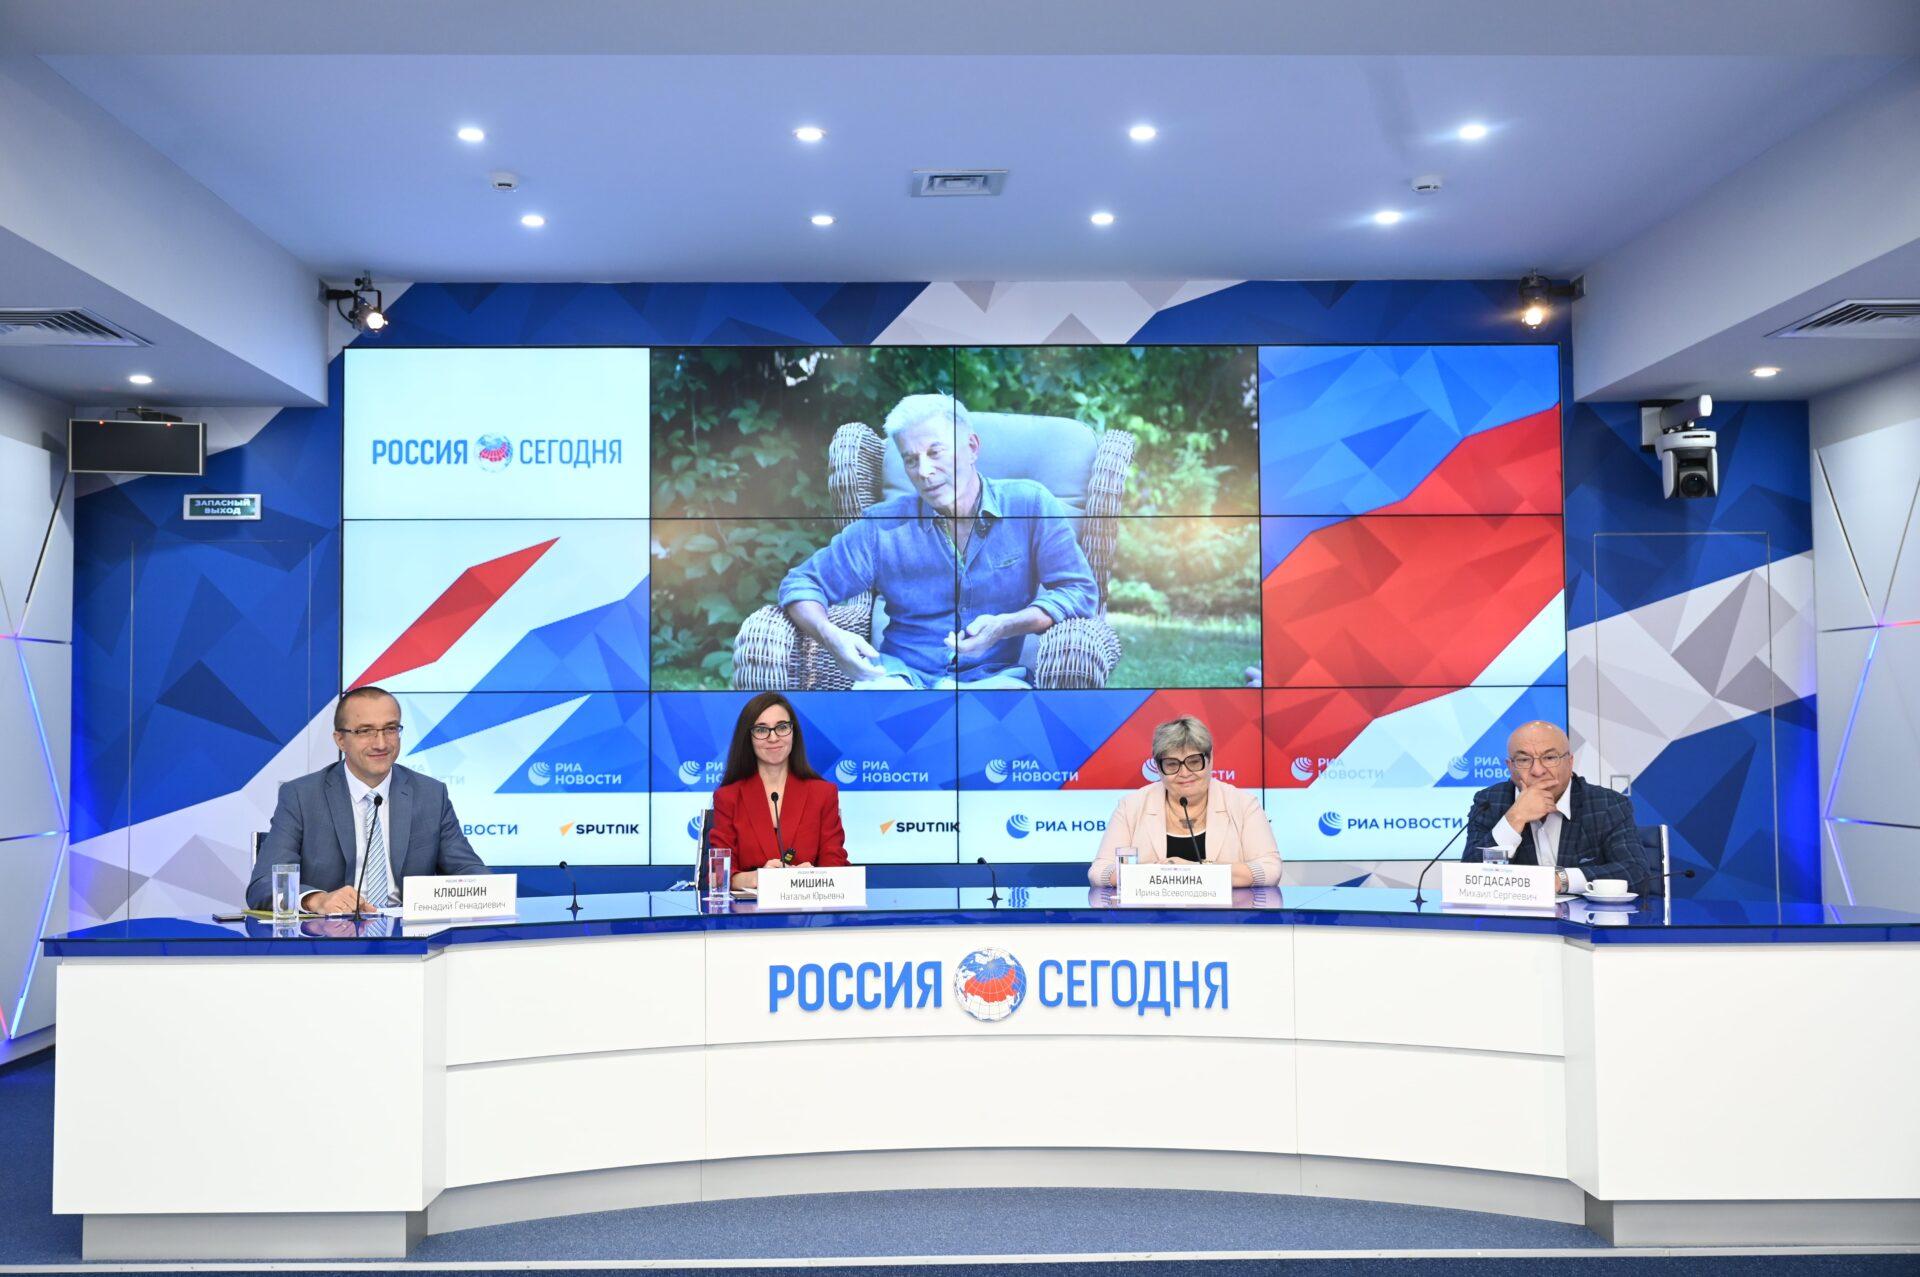 Обучение учителей личной эффективности: пресс-конференция, посвященная началу Всероссийского форума СОТ